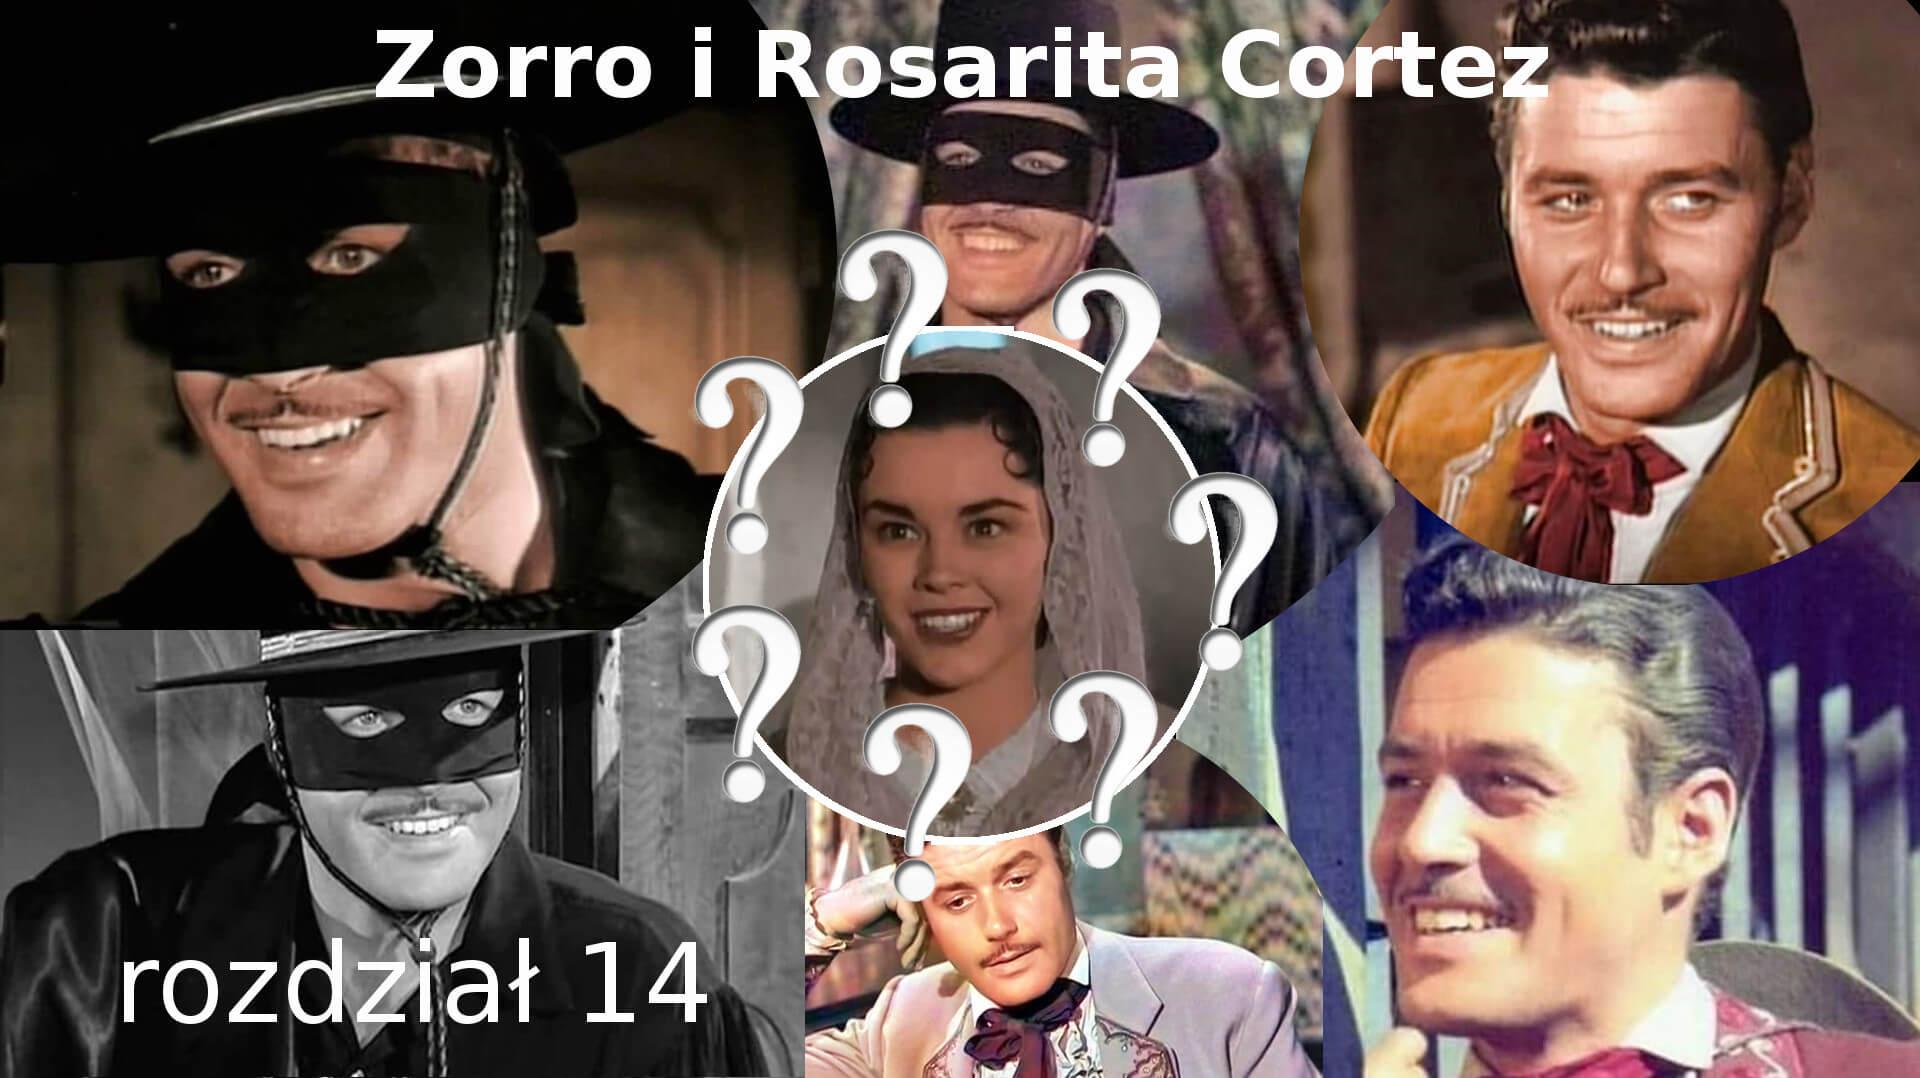 Zorro i Rosarita Cortez rozdział 14 Zorro fanfiction